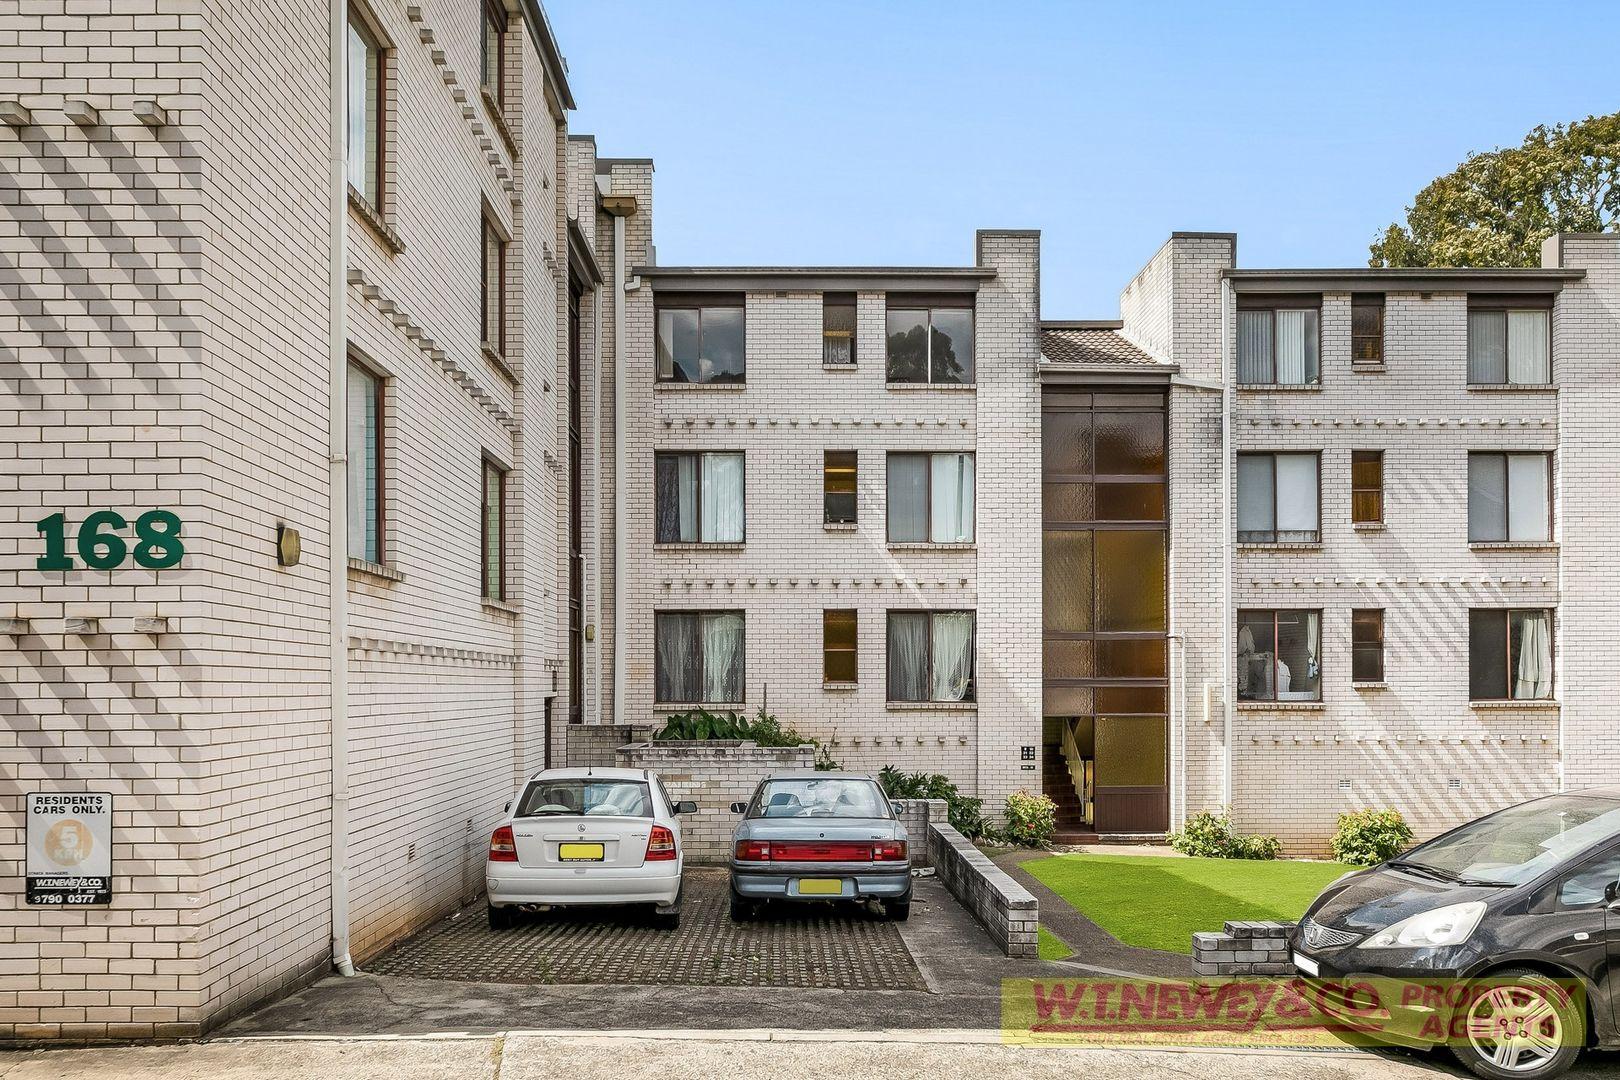 21/168 Greenacre Rd, Bankstown NSW 2200, Image 0